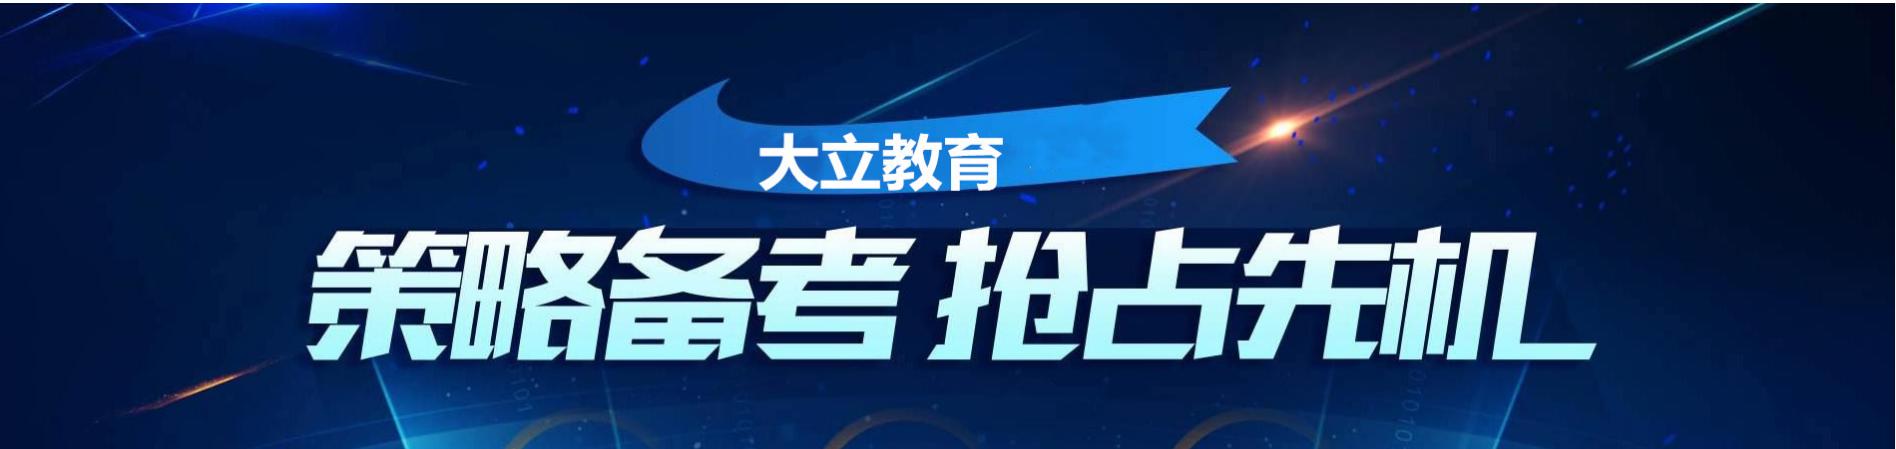 大立教育山东济南培训学校